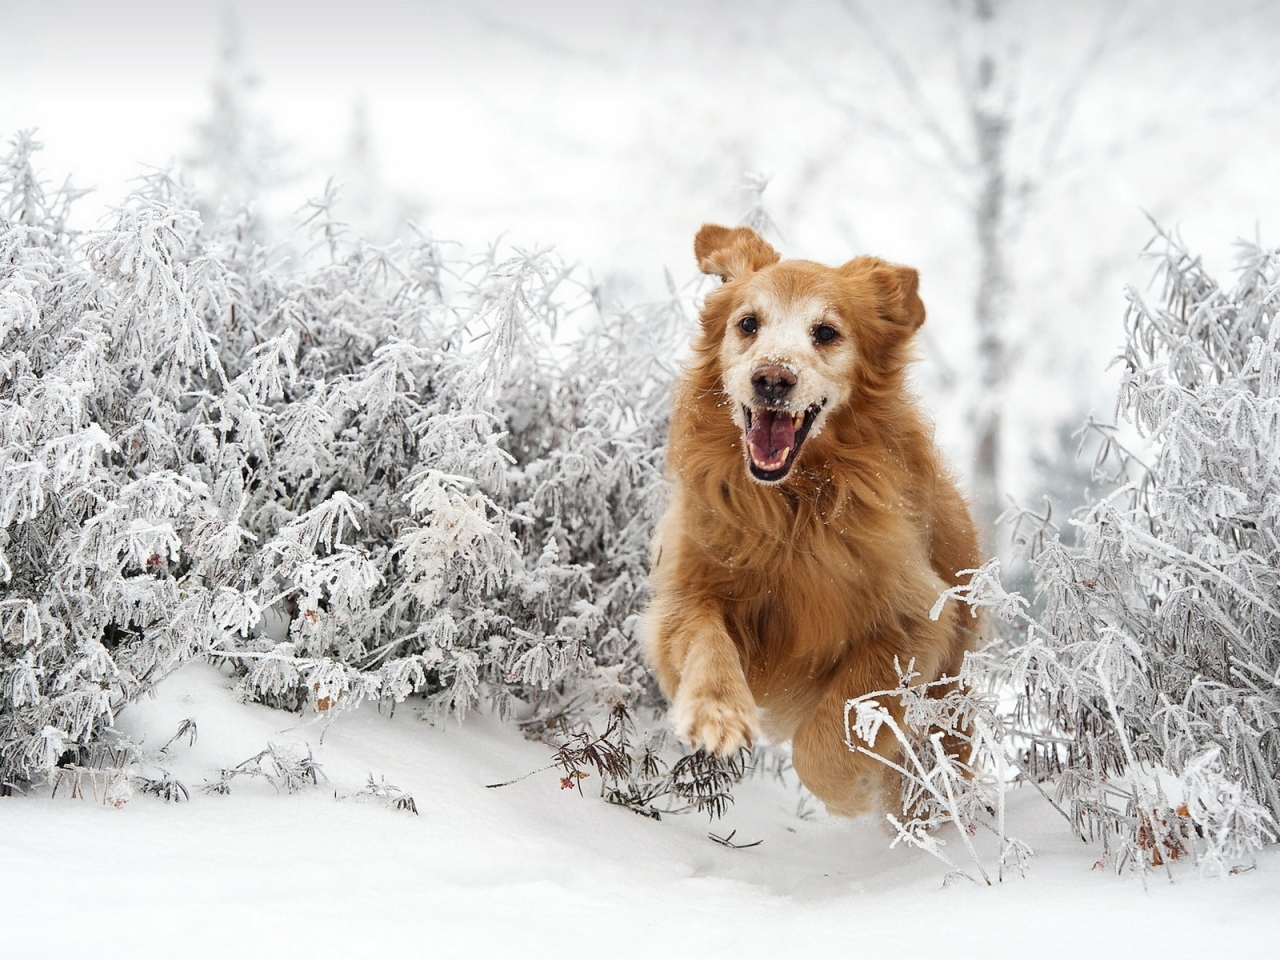 Perro saltando en la nieve - 1280x960